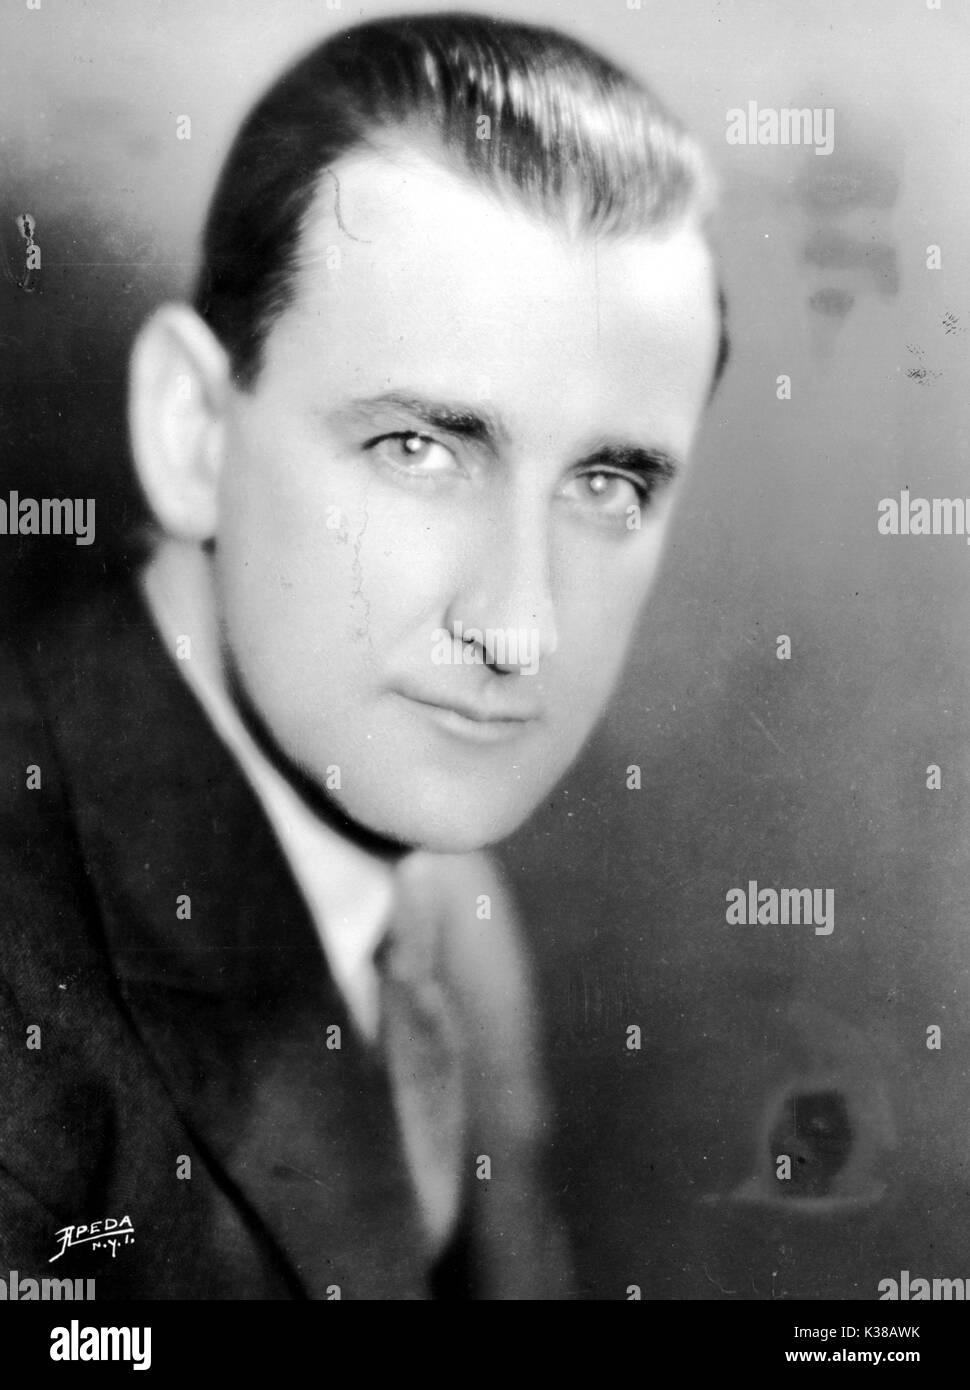 HERBERT WILCOX CIRCA 1925 - Stock Image